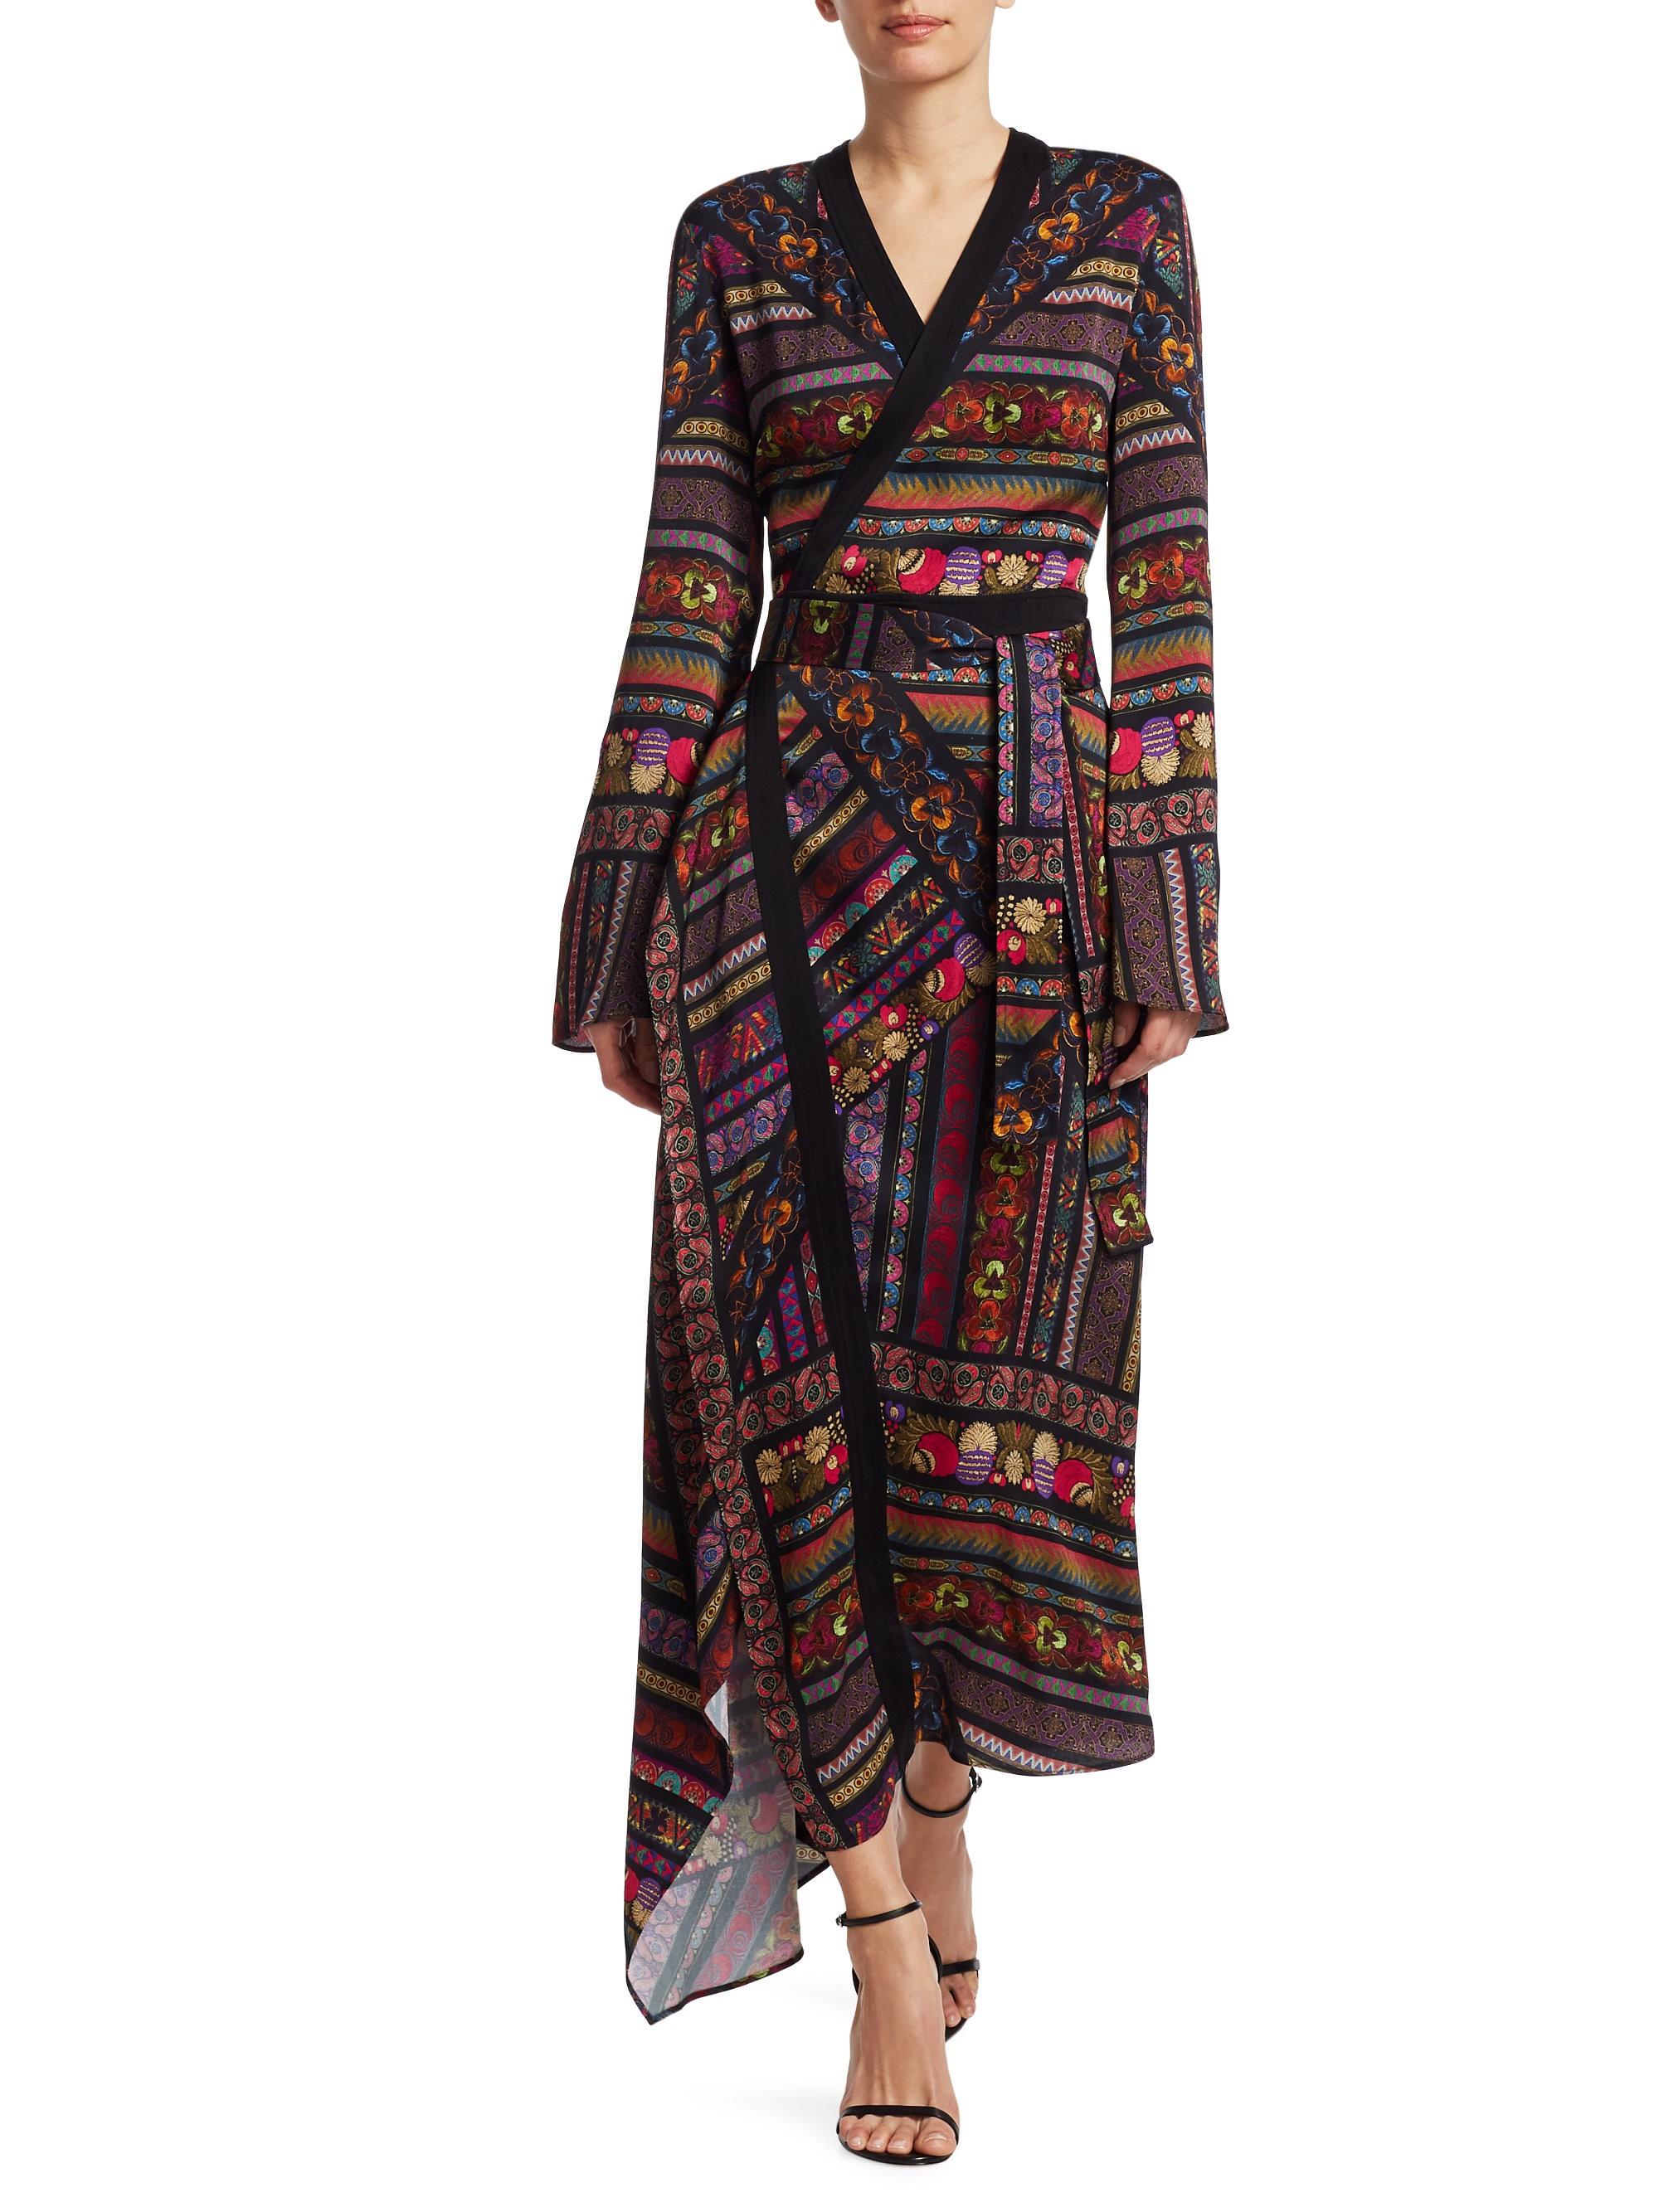 Etro Multi Ribbon Wrap Maxi Dress Black 46 10 Couture Fashion Black Maxi Dress Fashion [ 2667 x 2000 Pixel ]